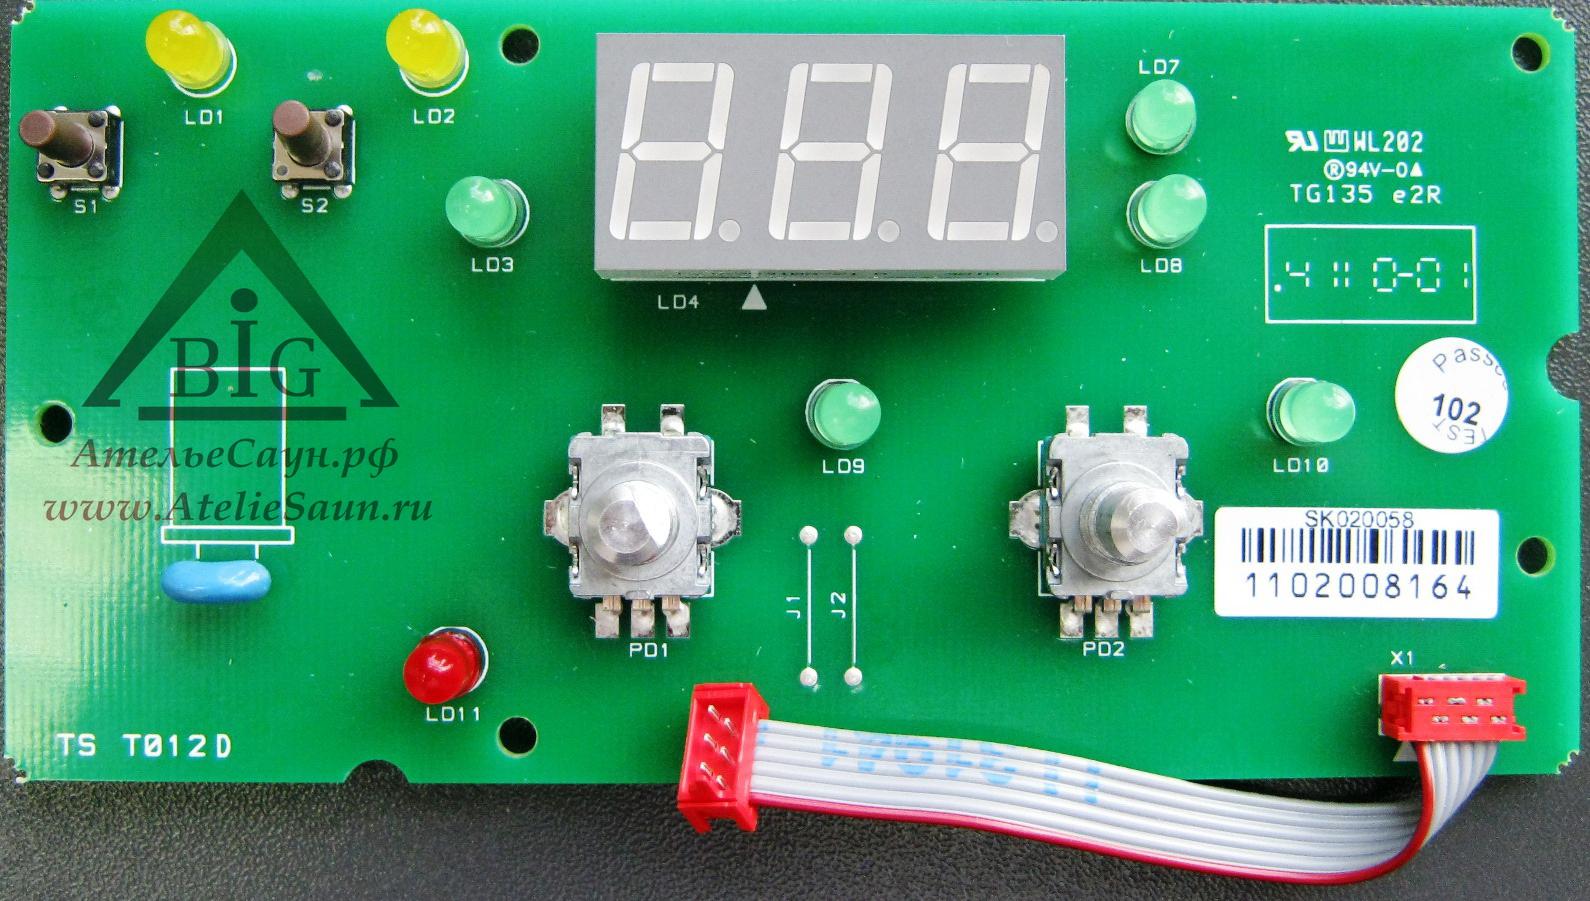 Плата дисплея для пульта Harvia C105S, WX203